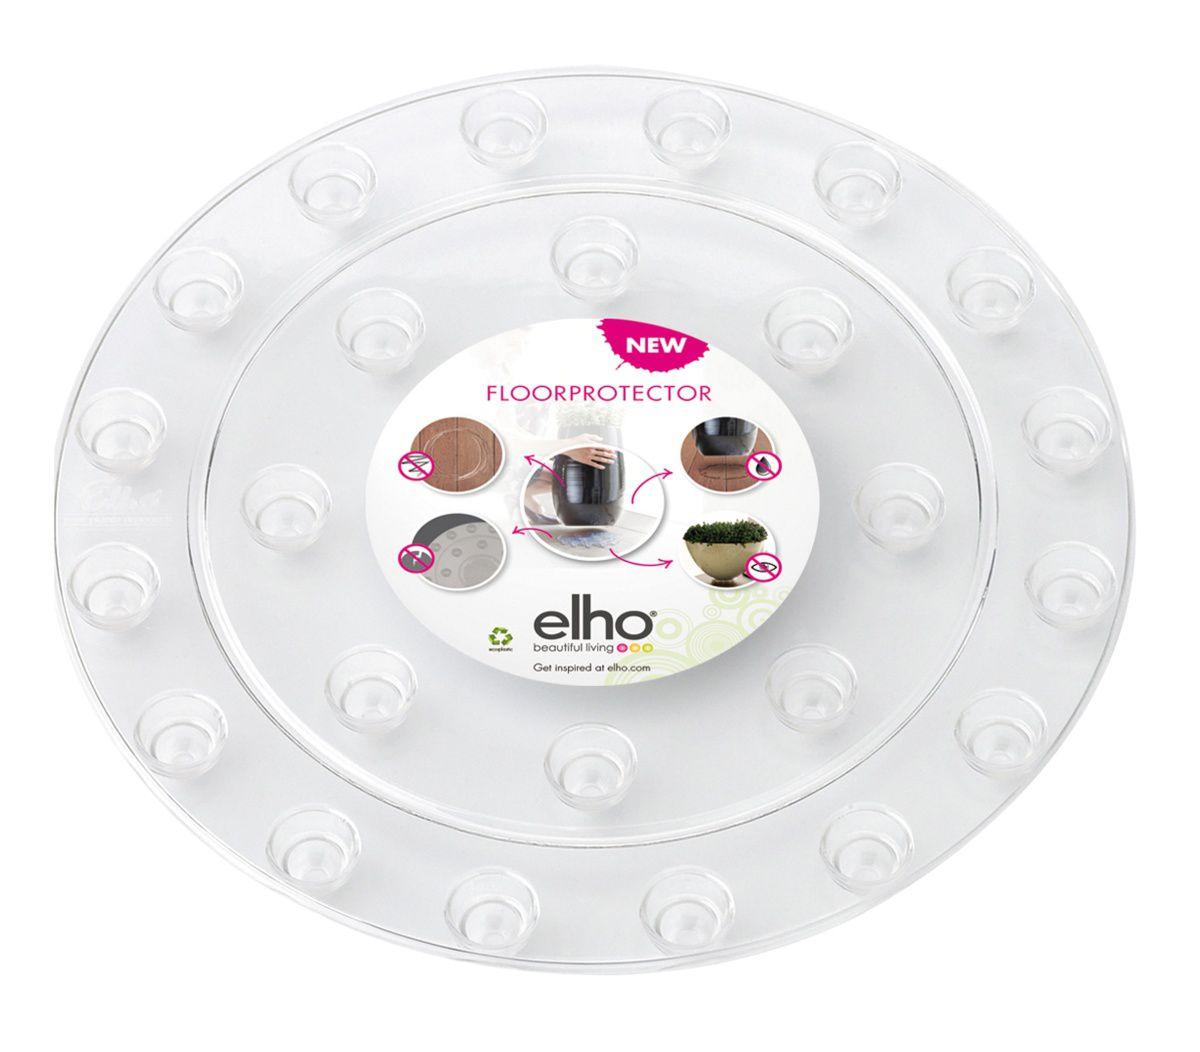 Prima-květináče ochranná podložka pod květináč proti poškrábání ELHO samozavlažovací plastové venkovní závěsné